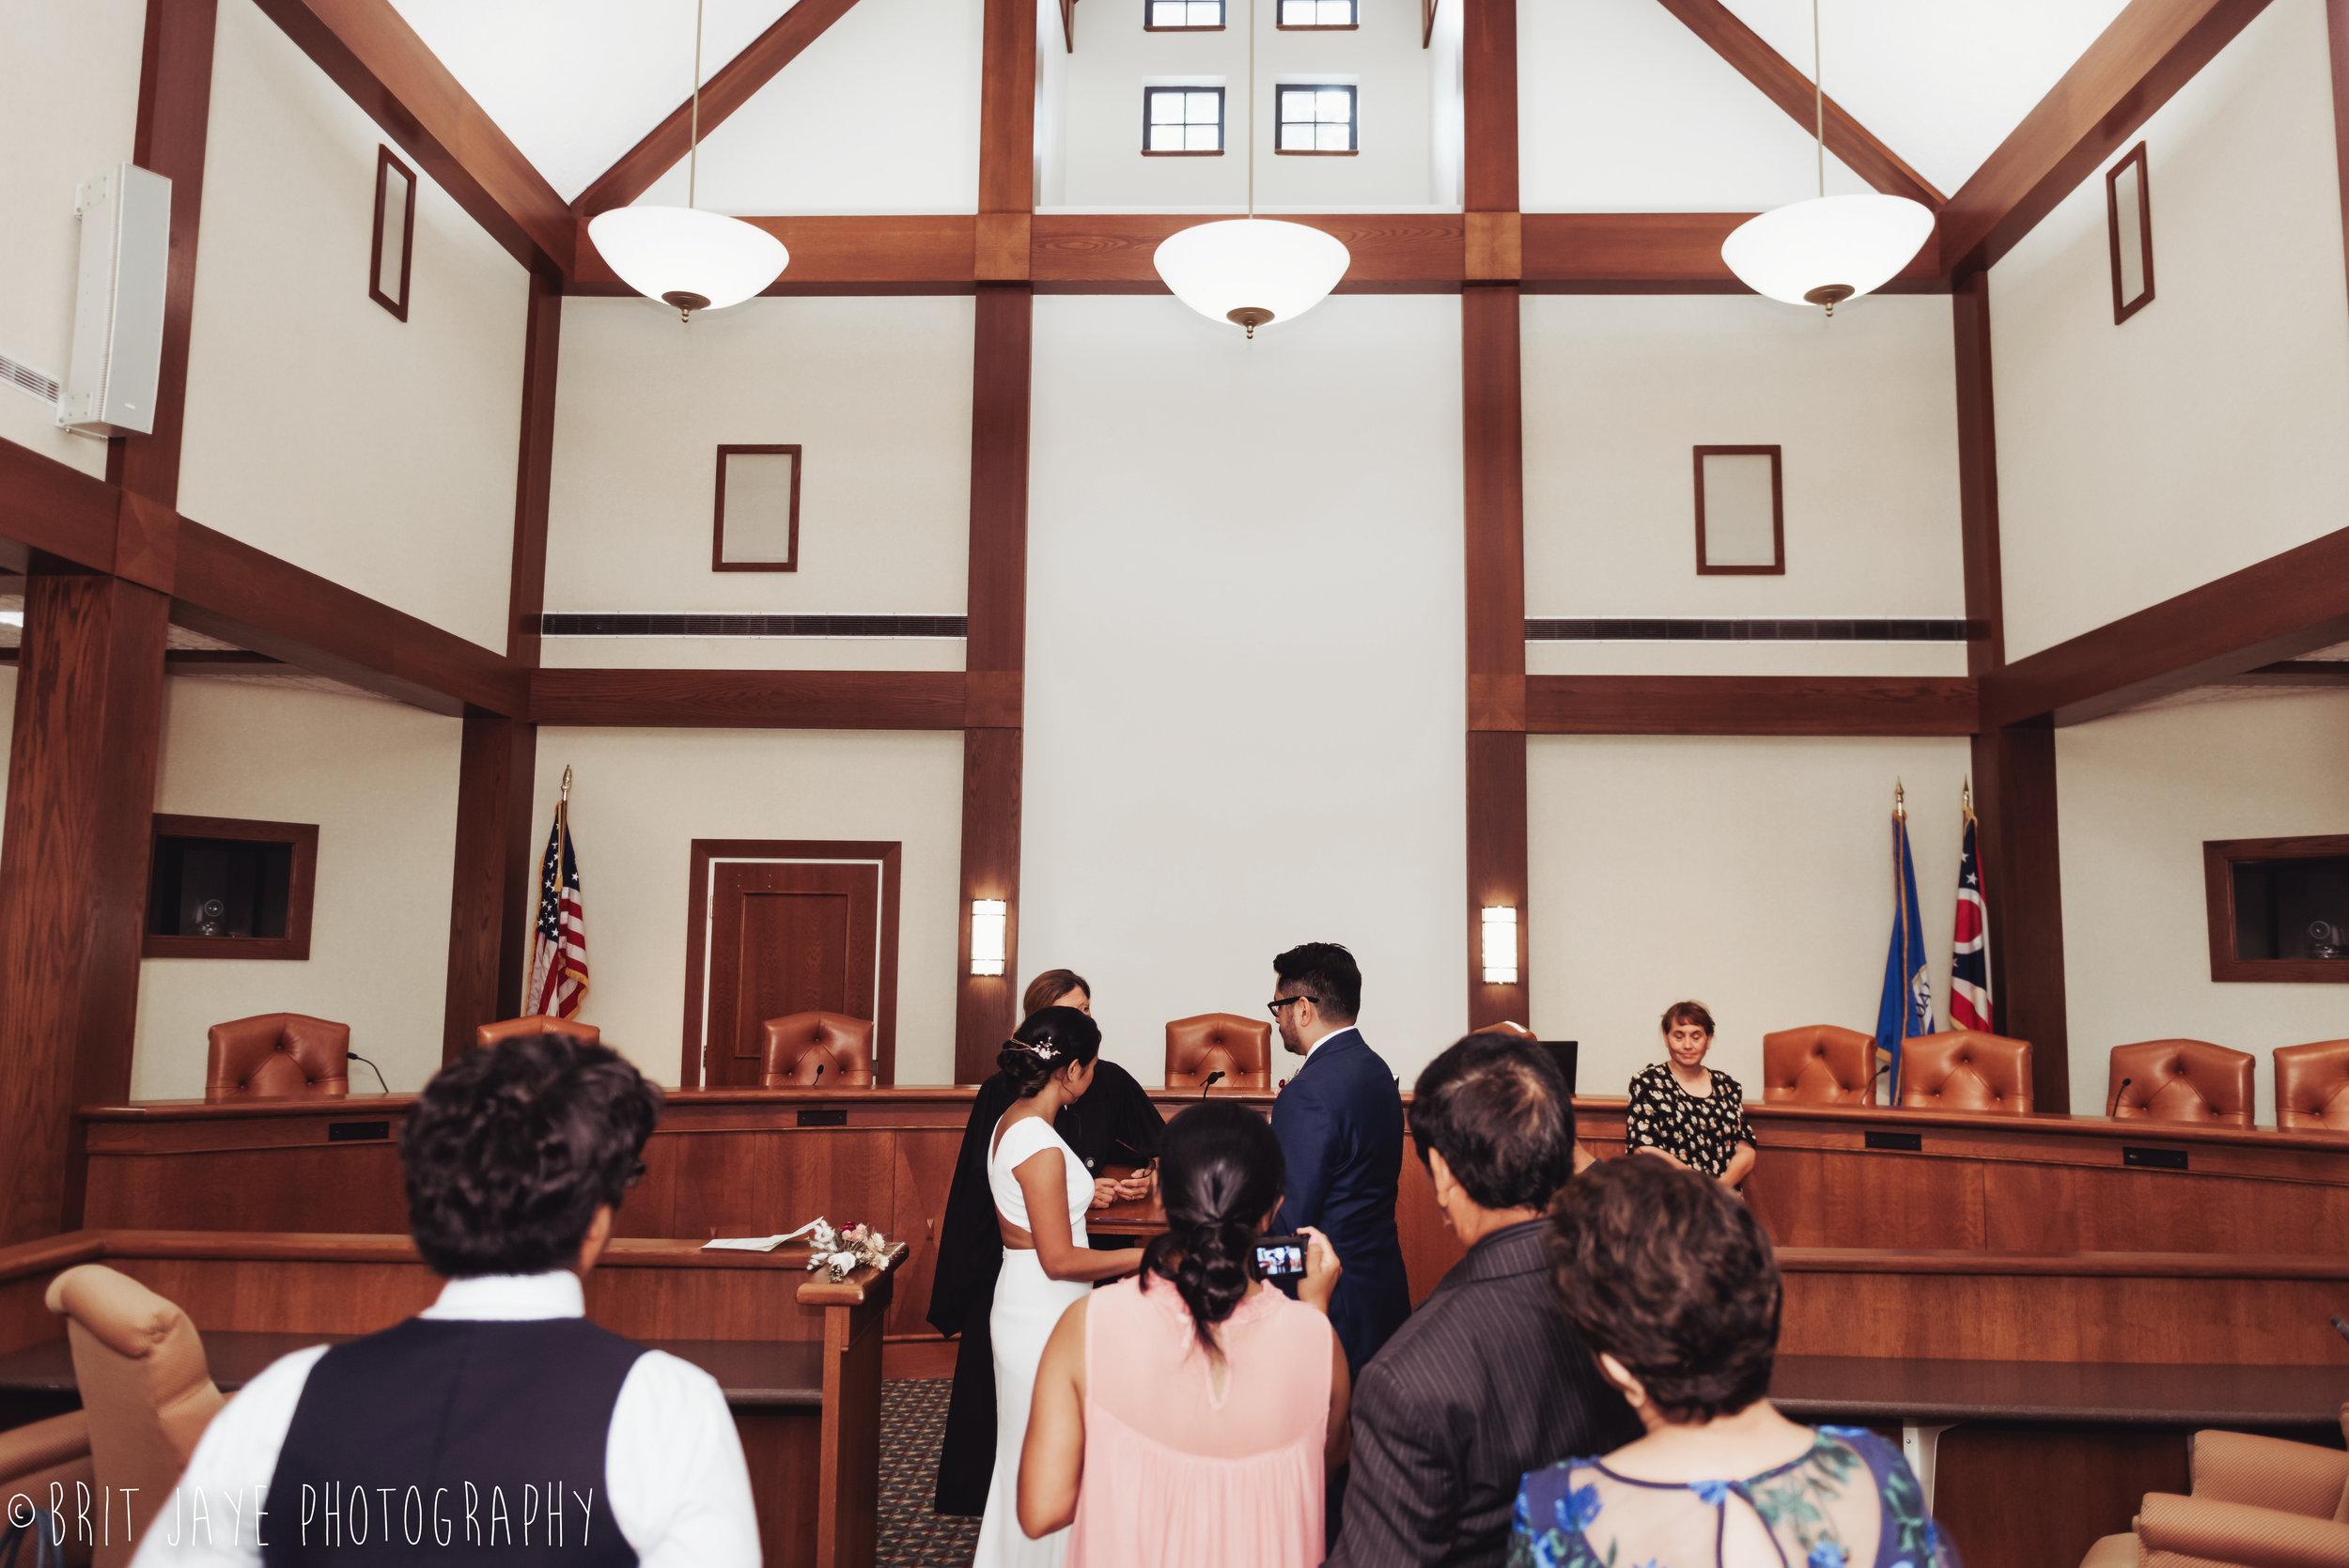 Oakwood_Courthouse_Wedding_Ceremony-38.jpg